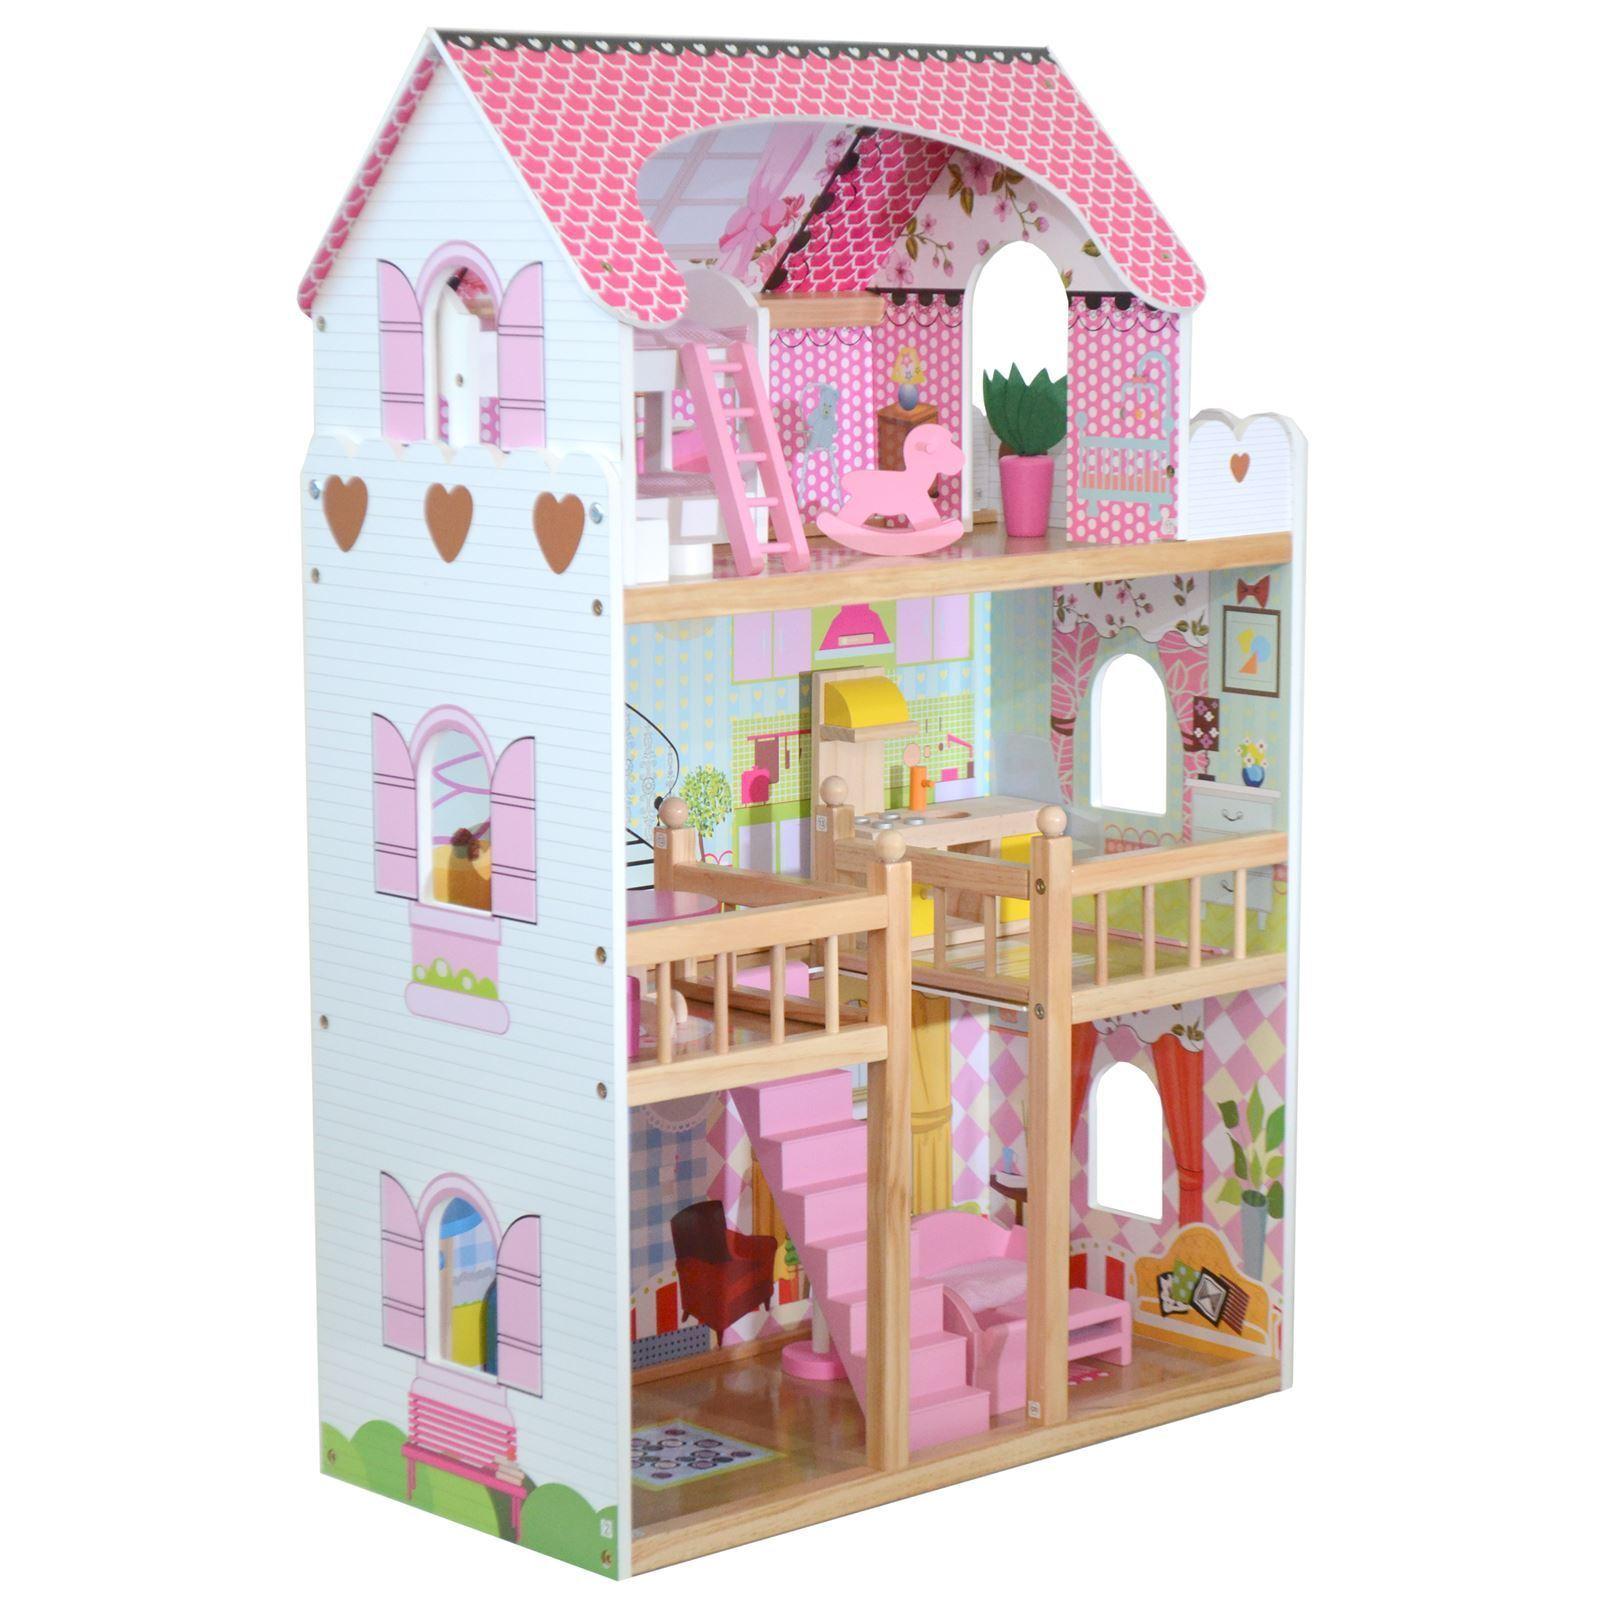 Boppi ® giocattolo in legno per Ragazze Dolls House 3 Storey Villa Città + Mobili Accessori